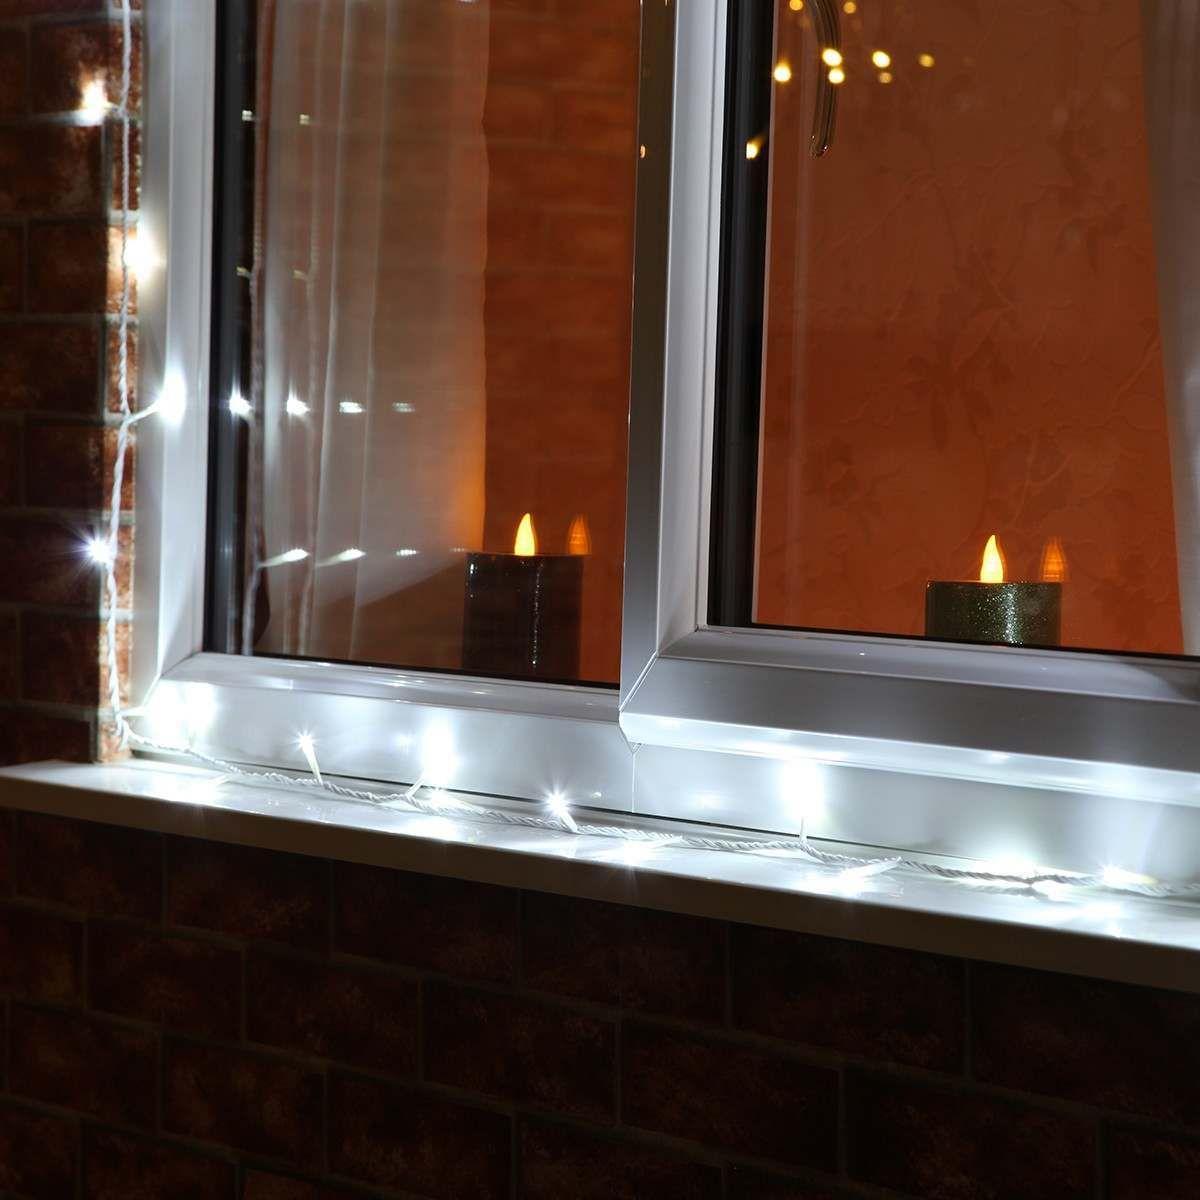 Гирлянда светодиодная уличная Нить, Луч LedGO 30 м 300 LED (полупро), белый кабель, холодный белый